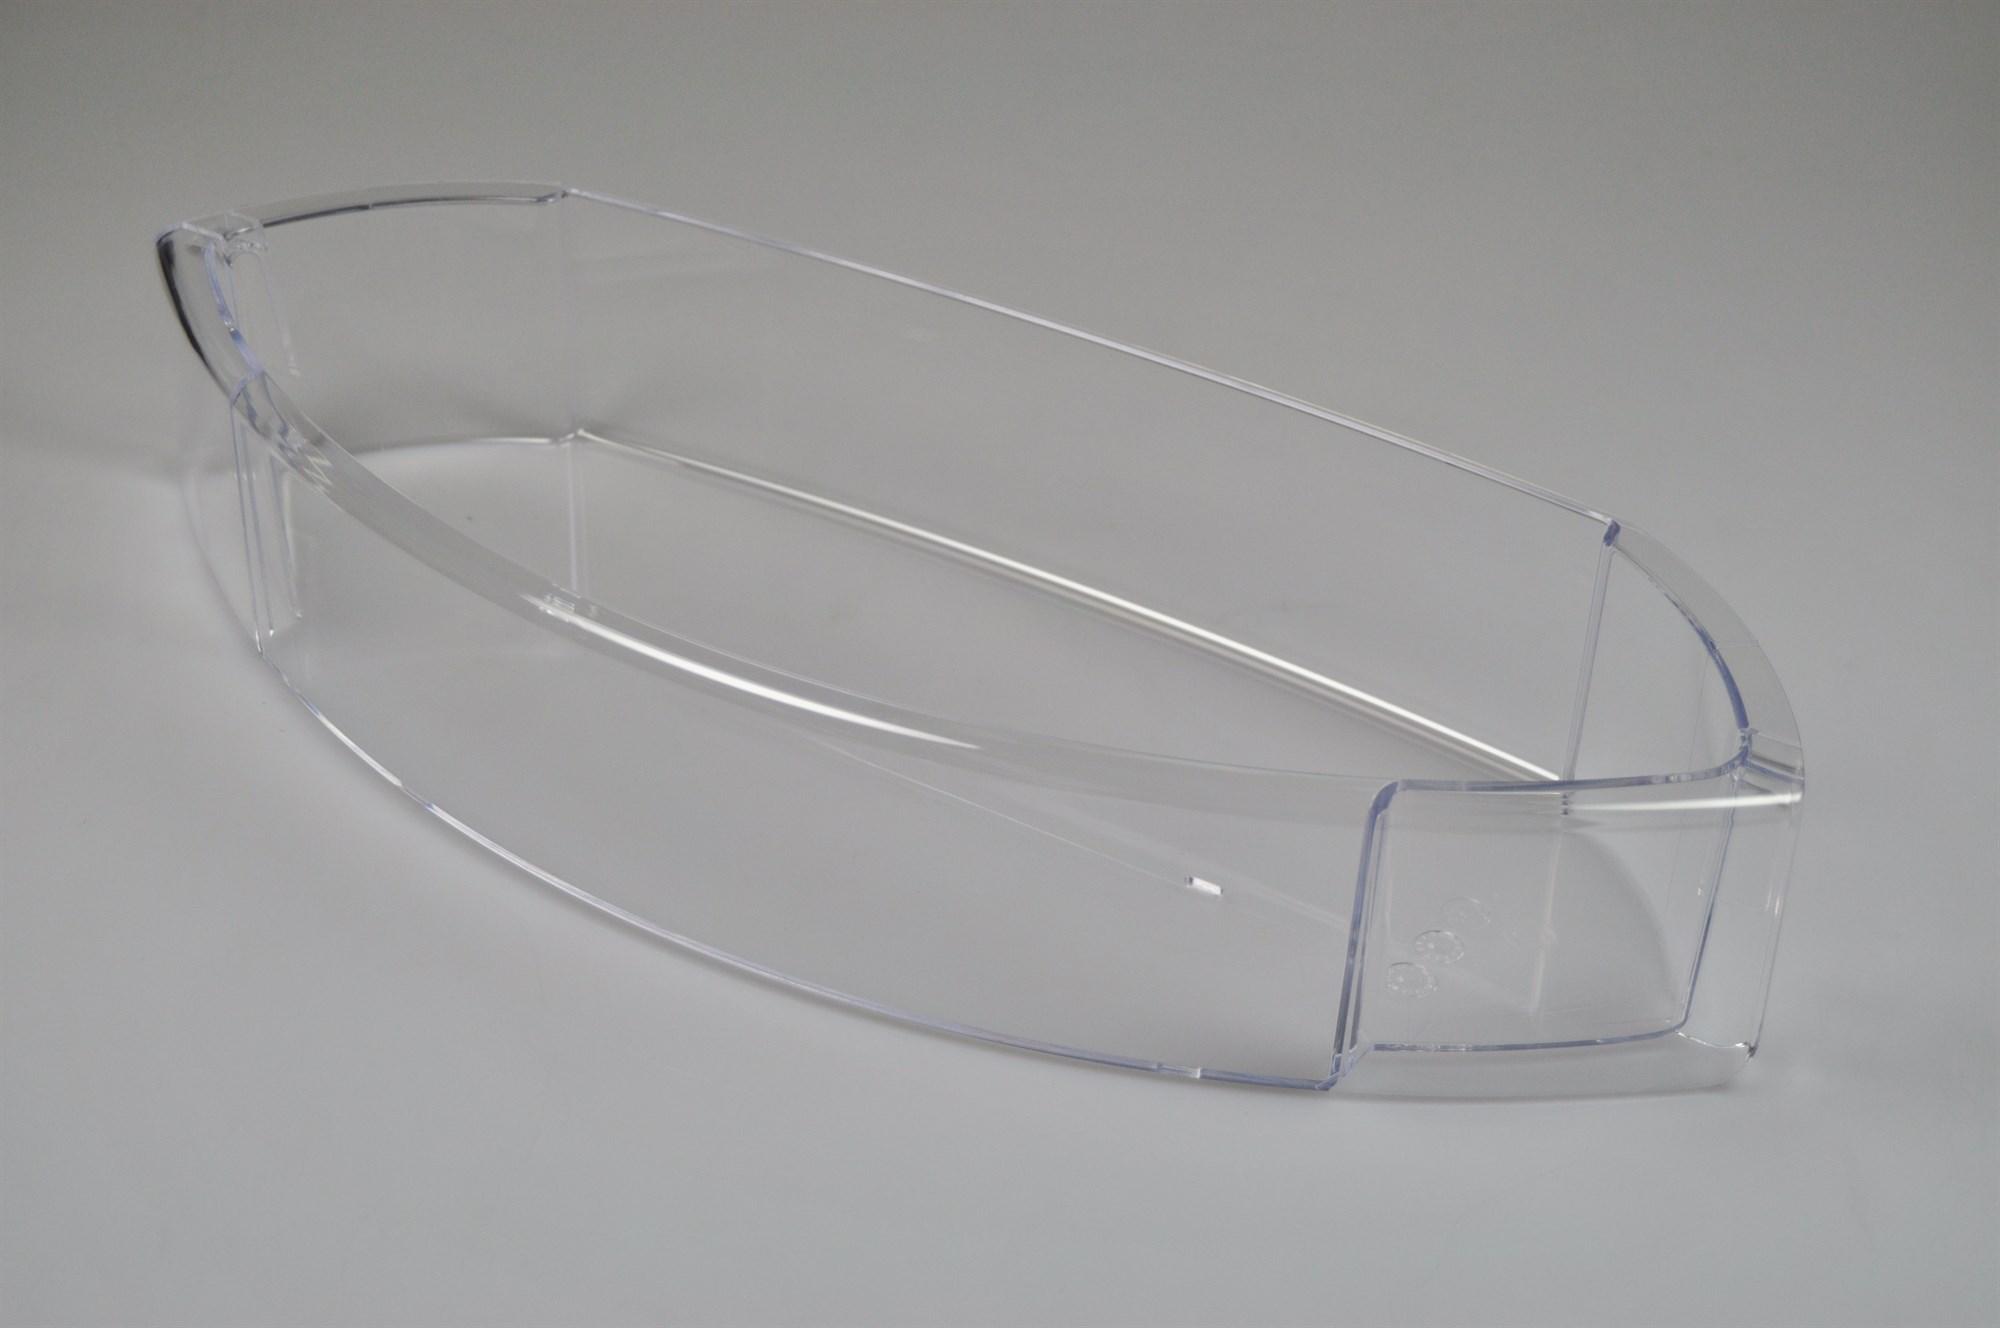 Gorenje Kühlschrank Ersatzteile : Türfach gorenje kühl & gefrierschrank 90 mm x 475 mm x 185 mm